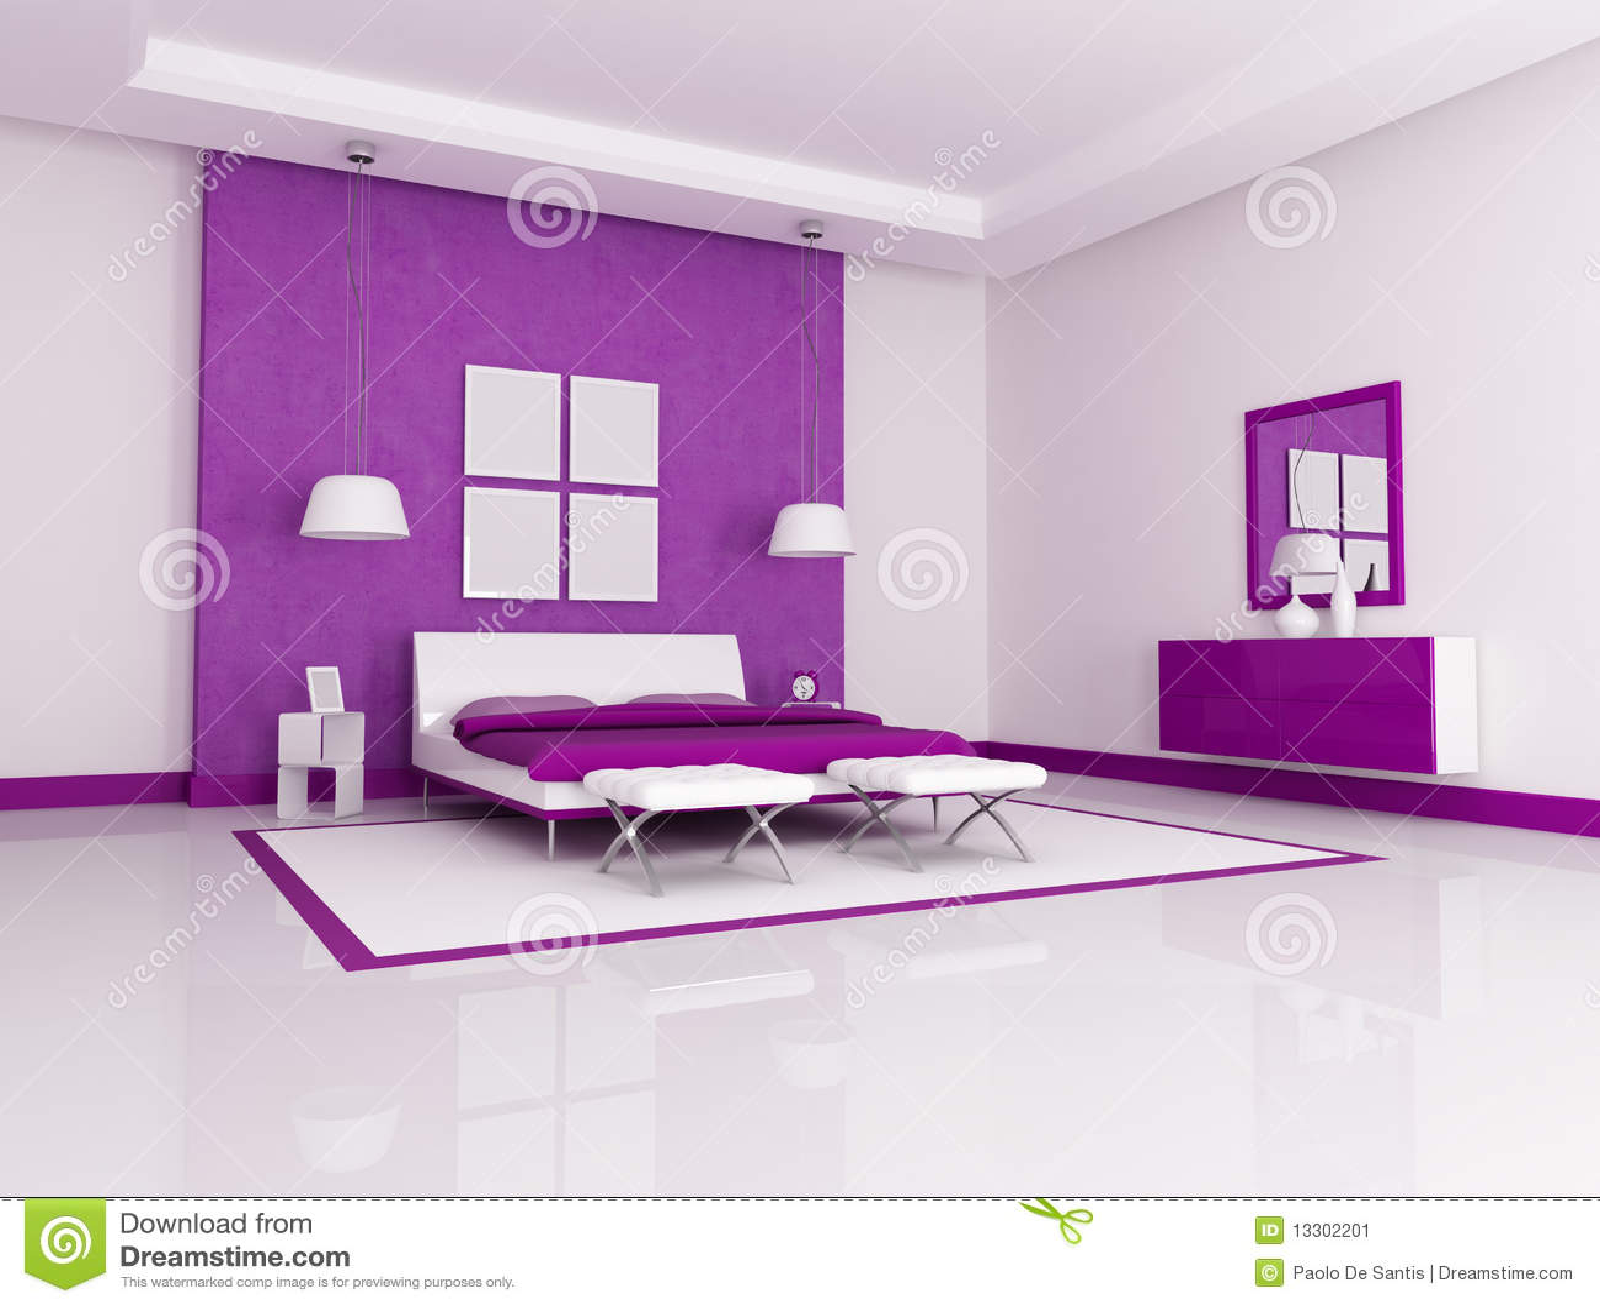 Camere Da Letto Viola : Camera da letto viola illustrazioni vettoriali e clipart stock